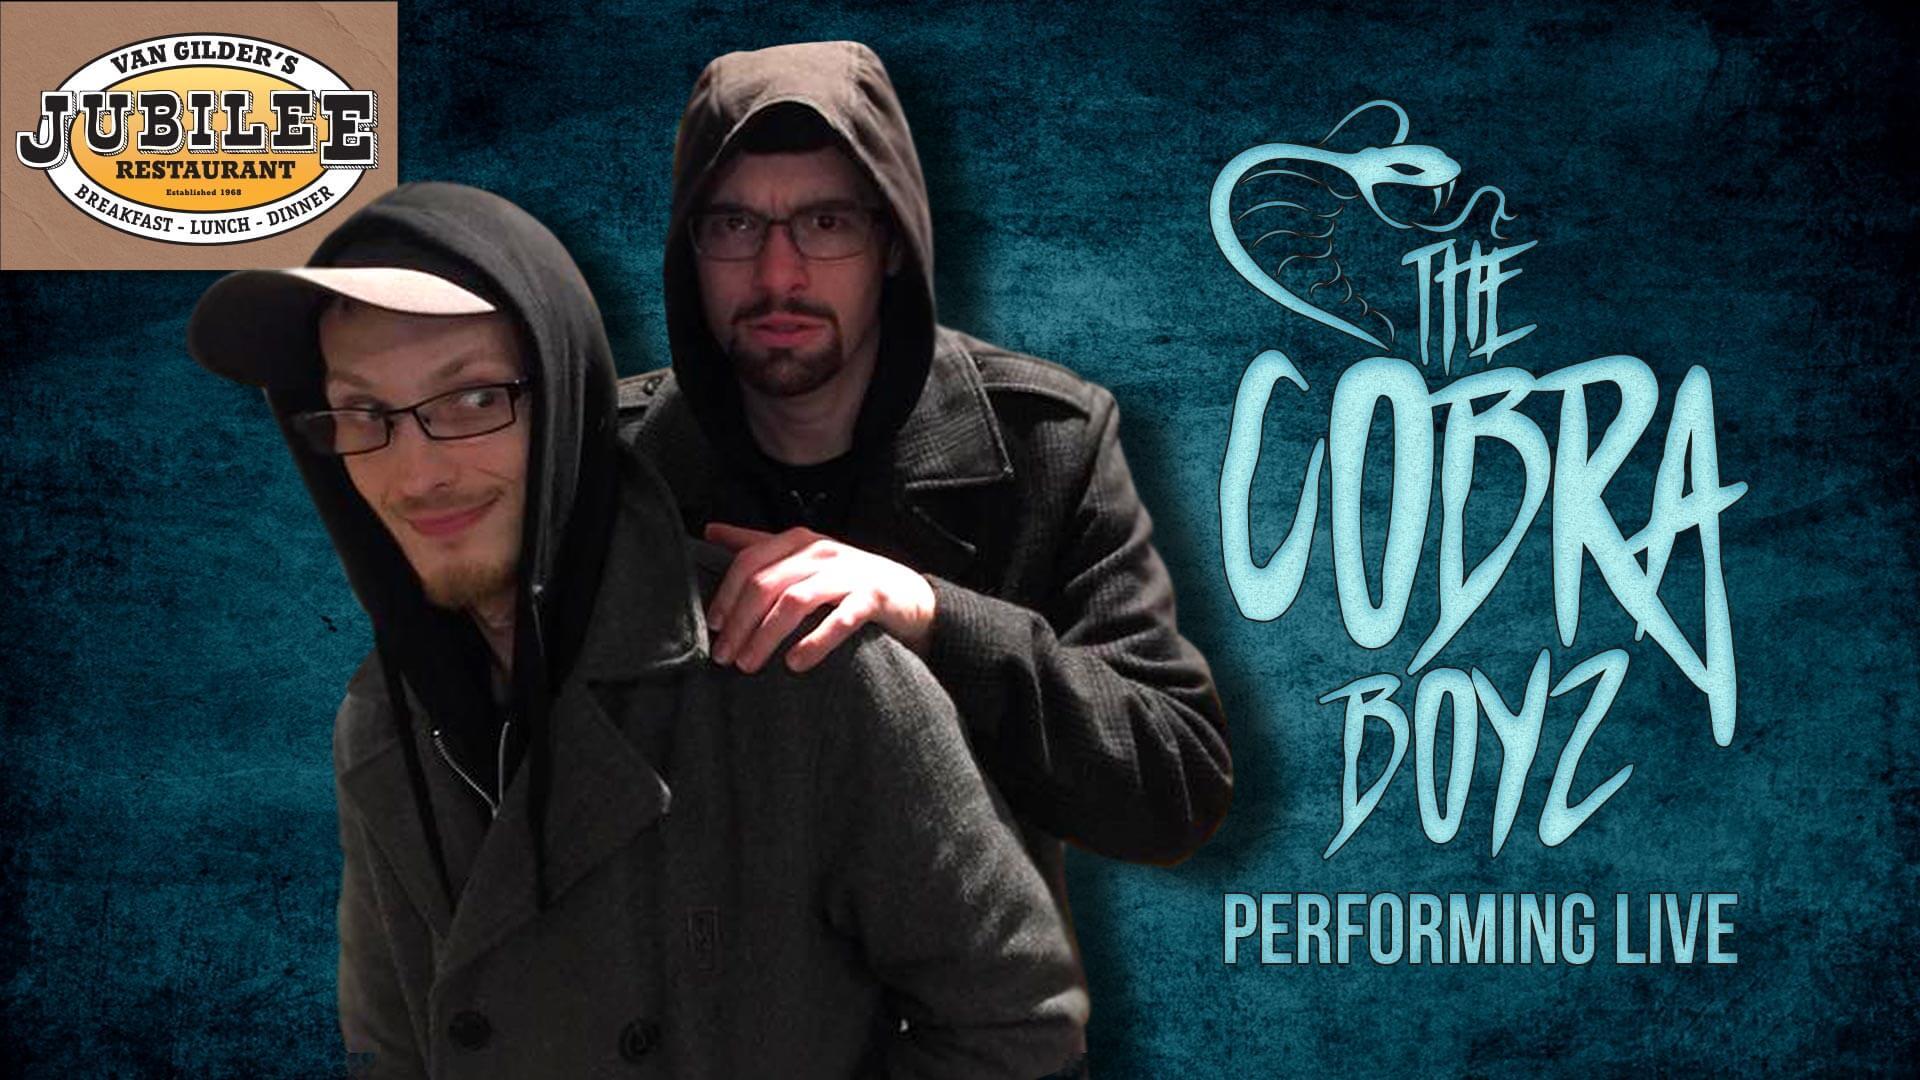 Cobra Boyz